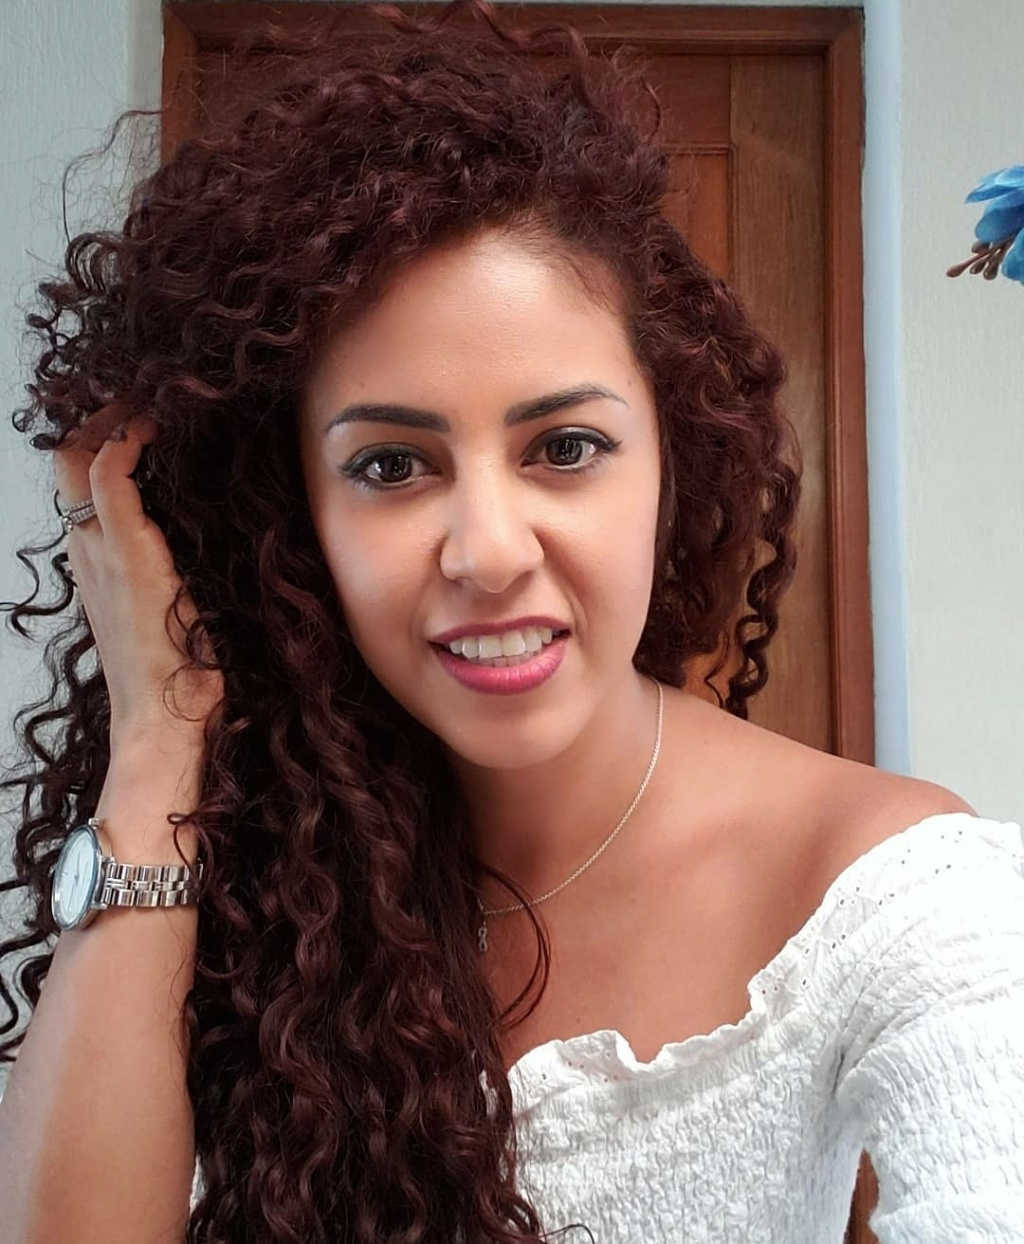 DEBATE sobre belleza, guapura y hermosura (fotos de chicas latinas, mestizas, y de todo) - VOL II - Página 5 Img_1163